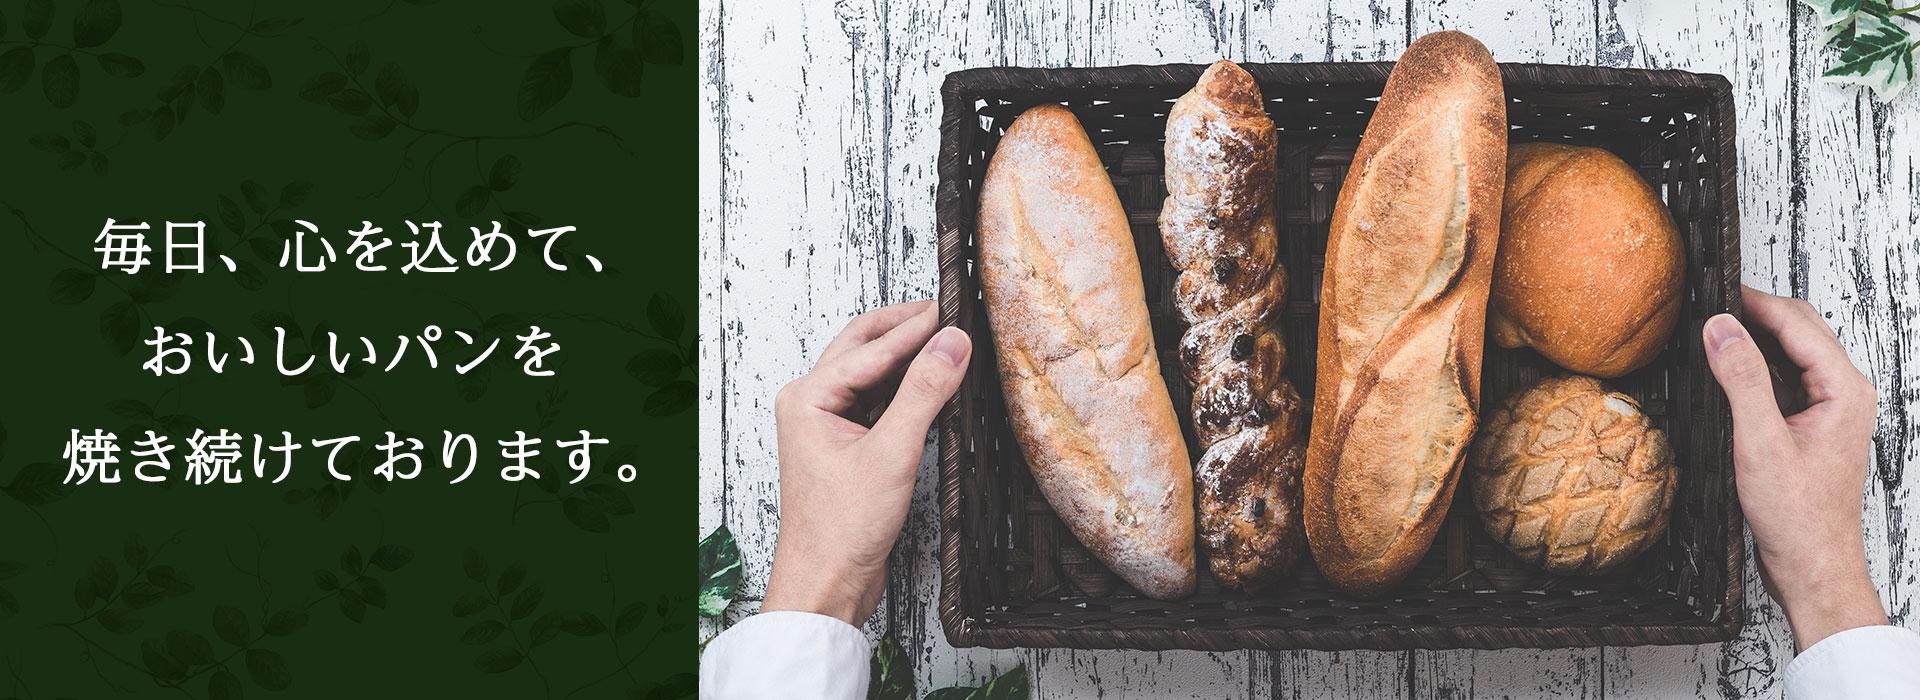 毎日、心を込めて、おいしいパンを焼き続けております。